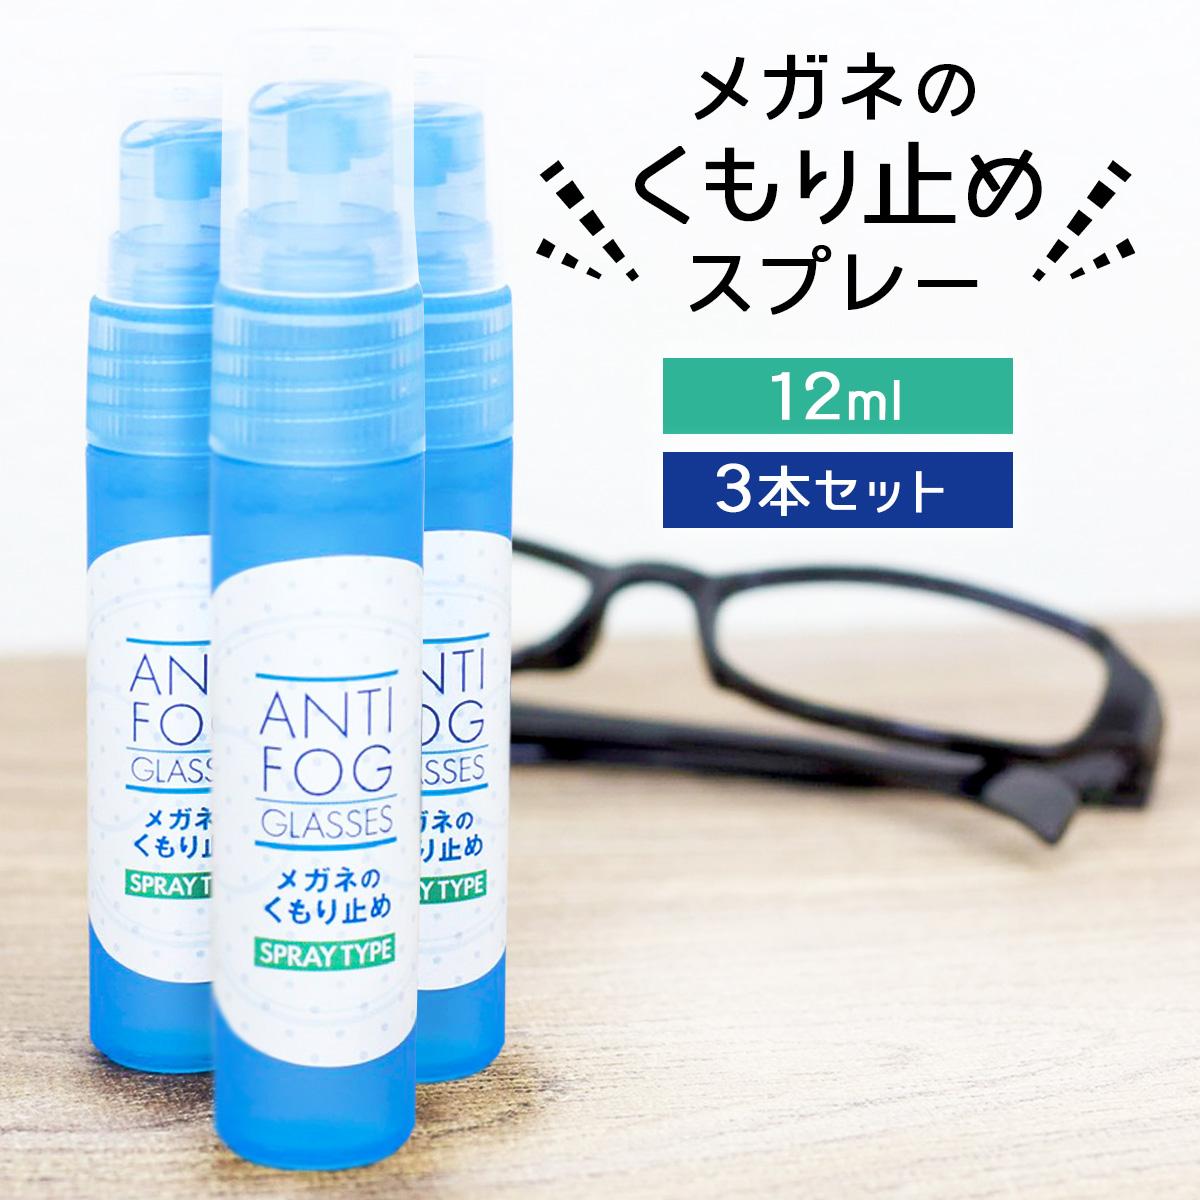 新作 人気 眼鏡がくもらなくなるスプレー 花粉の時期にもおすすめ 買収 強力 メガネ 曇り止め スプレー 12ml 3本セット マスク 曇らない めがね くもり止め レンズ 最強 アンチフォグ 眼鏡 日本製 対策グッズ 曇り防止